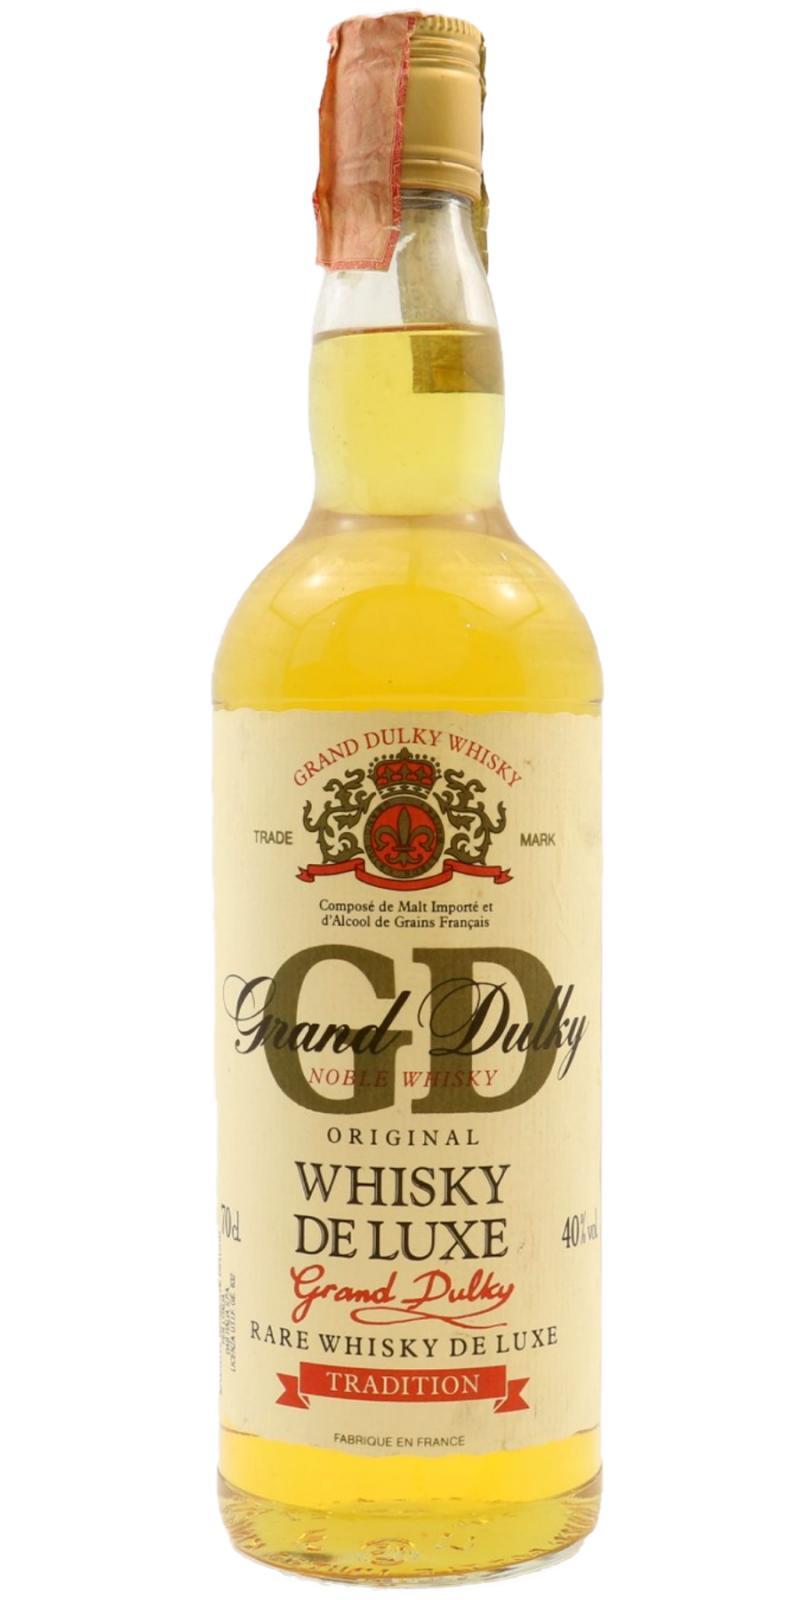 Grand Dulky Whisky De Luxe